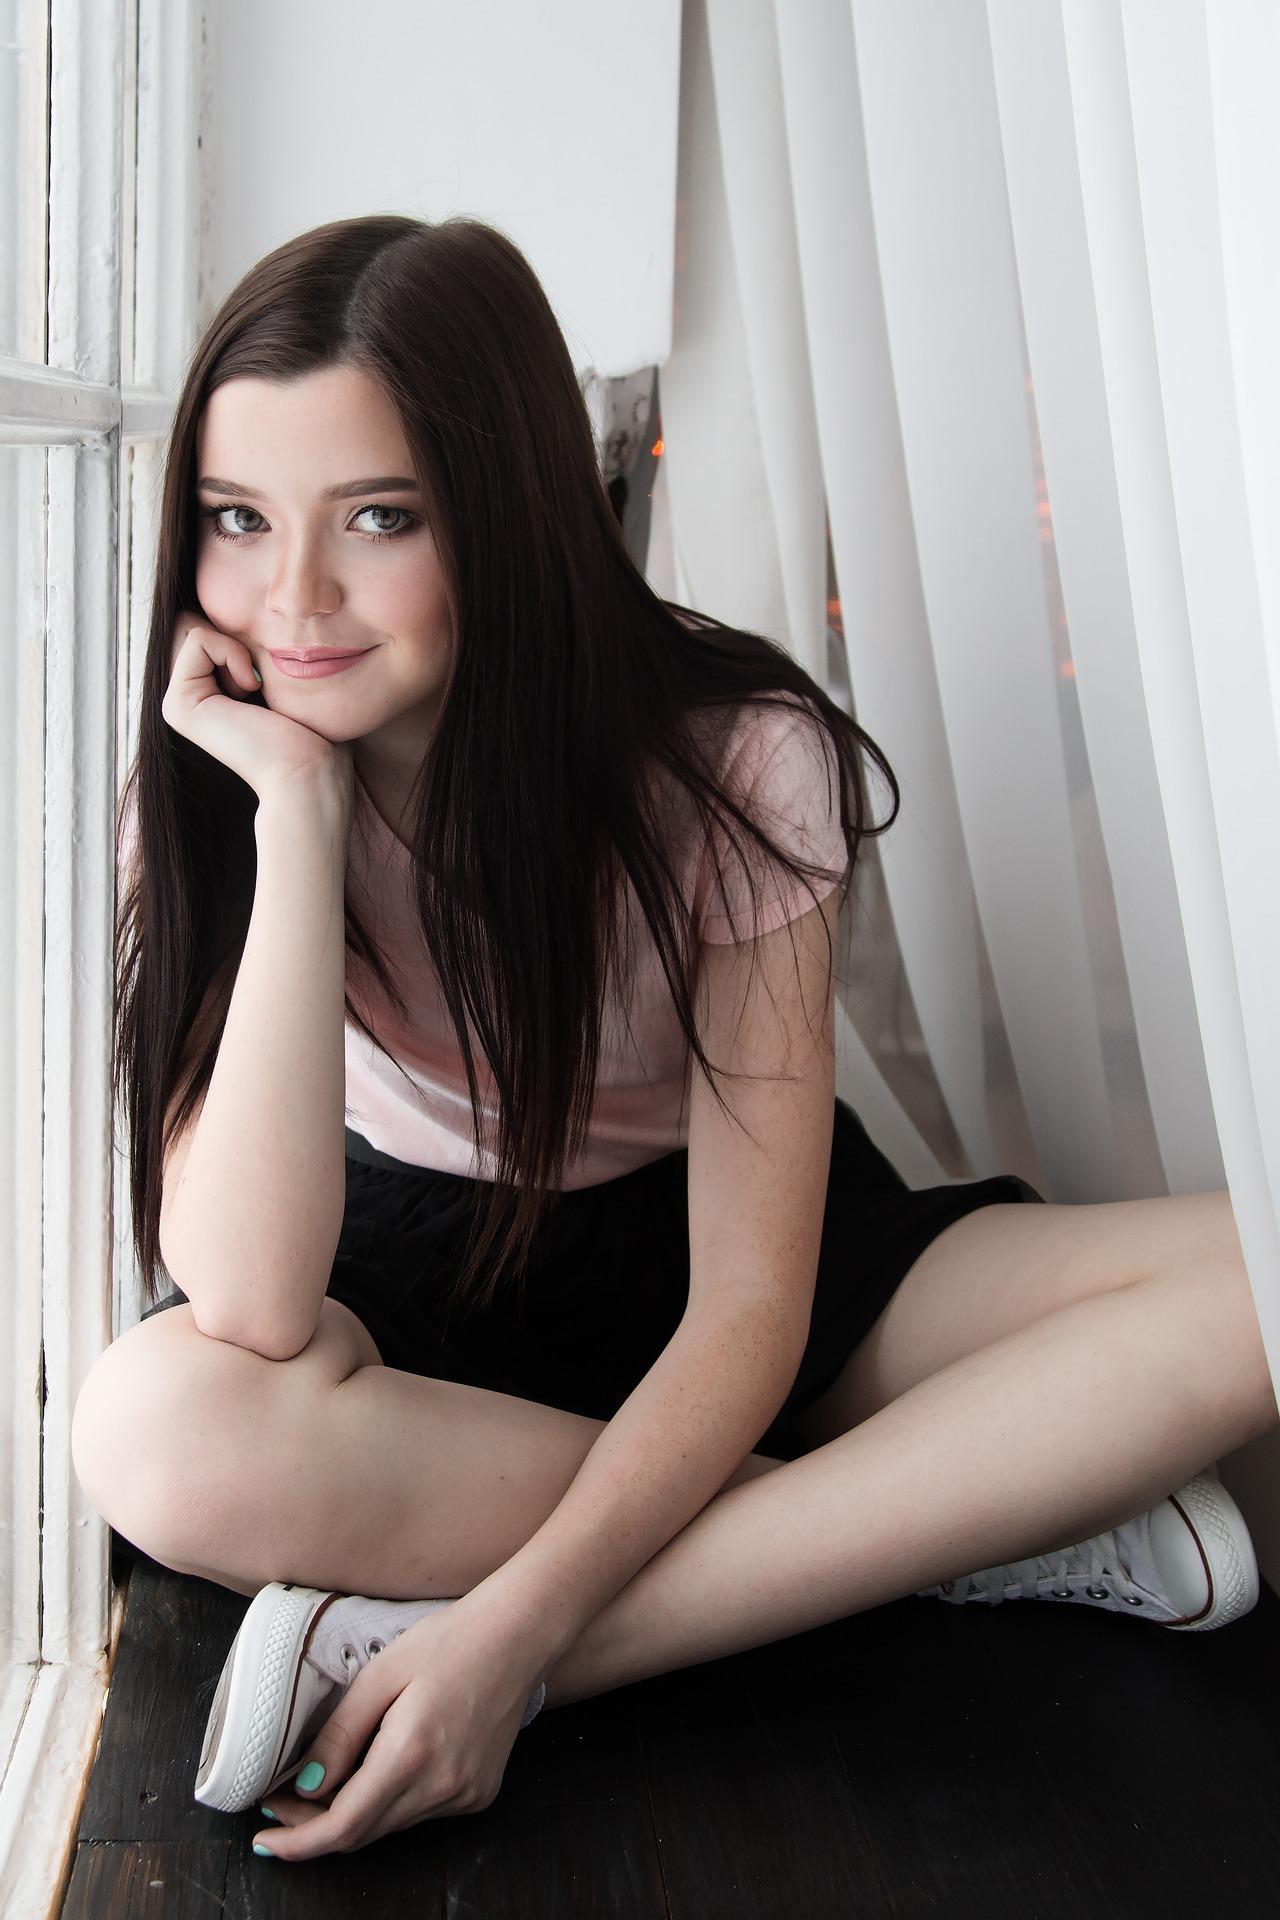 girl-1848910_1920